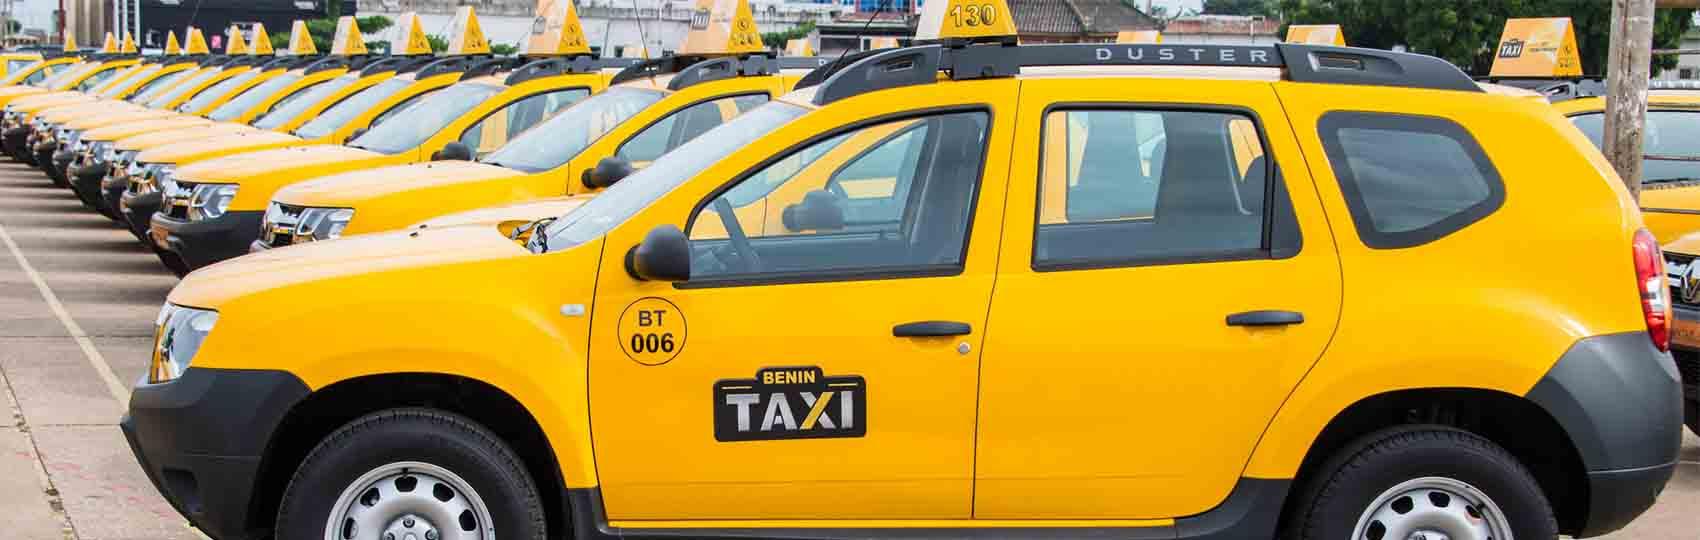 Noticias del sector del taxi y la movilidad en Benín. Mantente informado de todas las noticias del taxi de Benín en el grupo de Facebook de Todo Taxi.